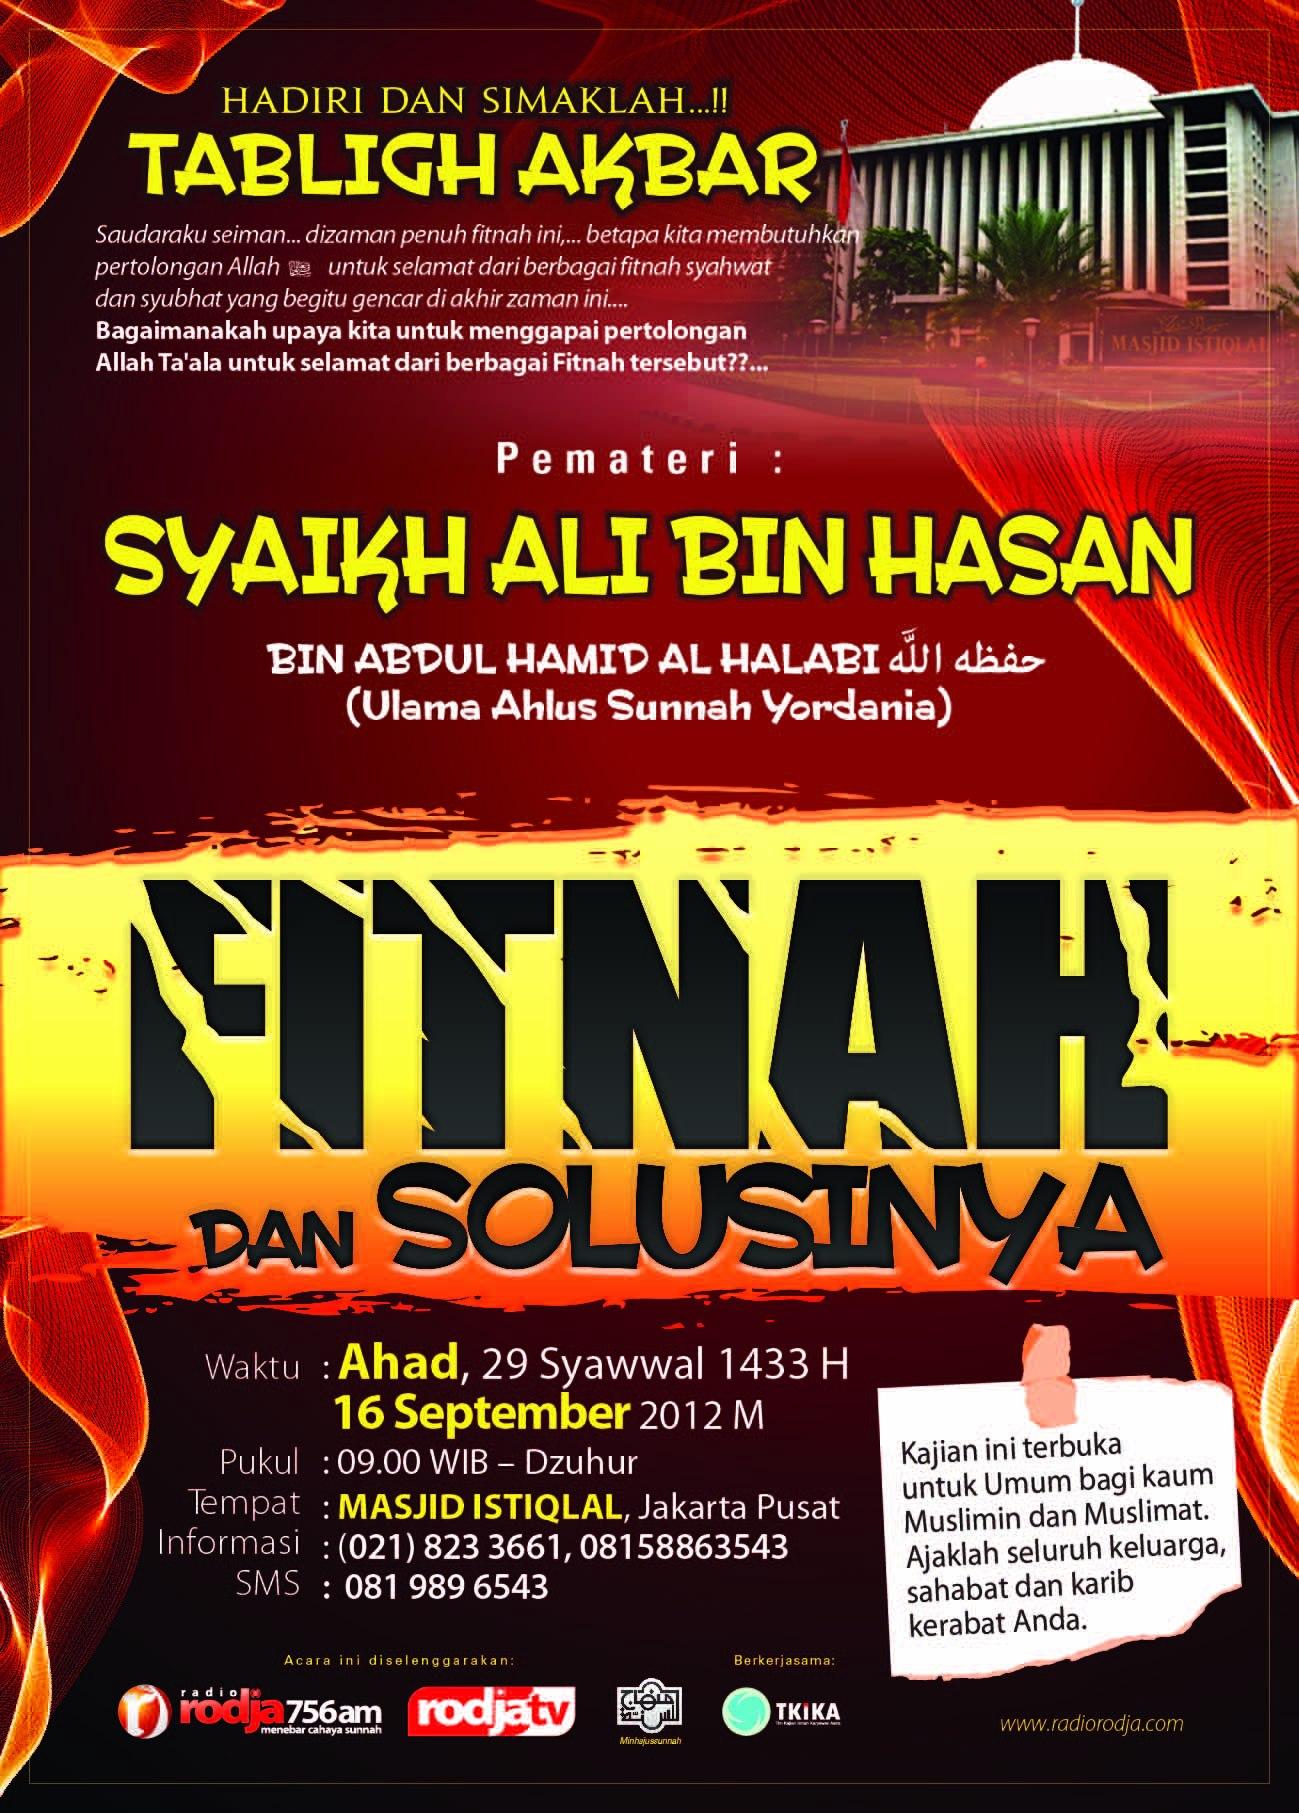 Tabligh Akbar Syaikh Ali bin Hasan Al-Halabi Tentang Fitnah dan Solusinya